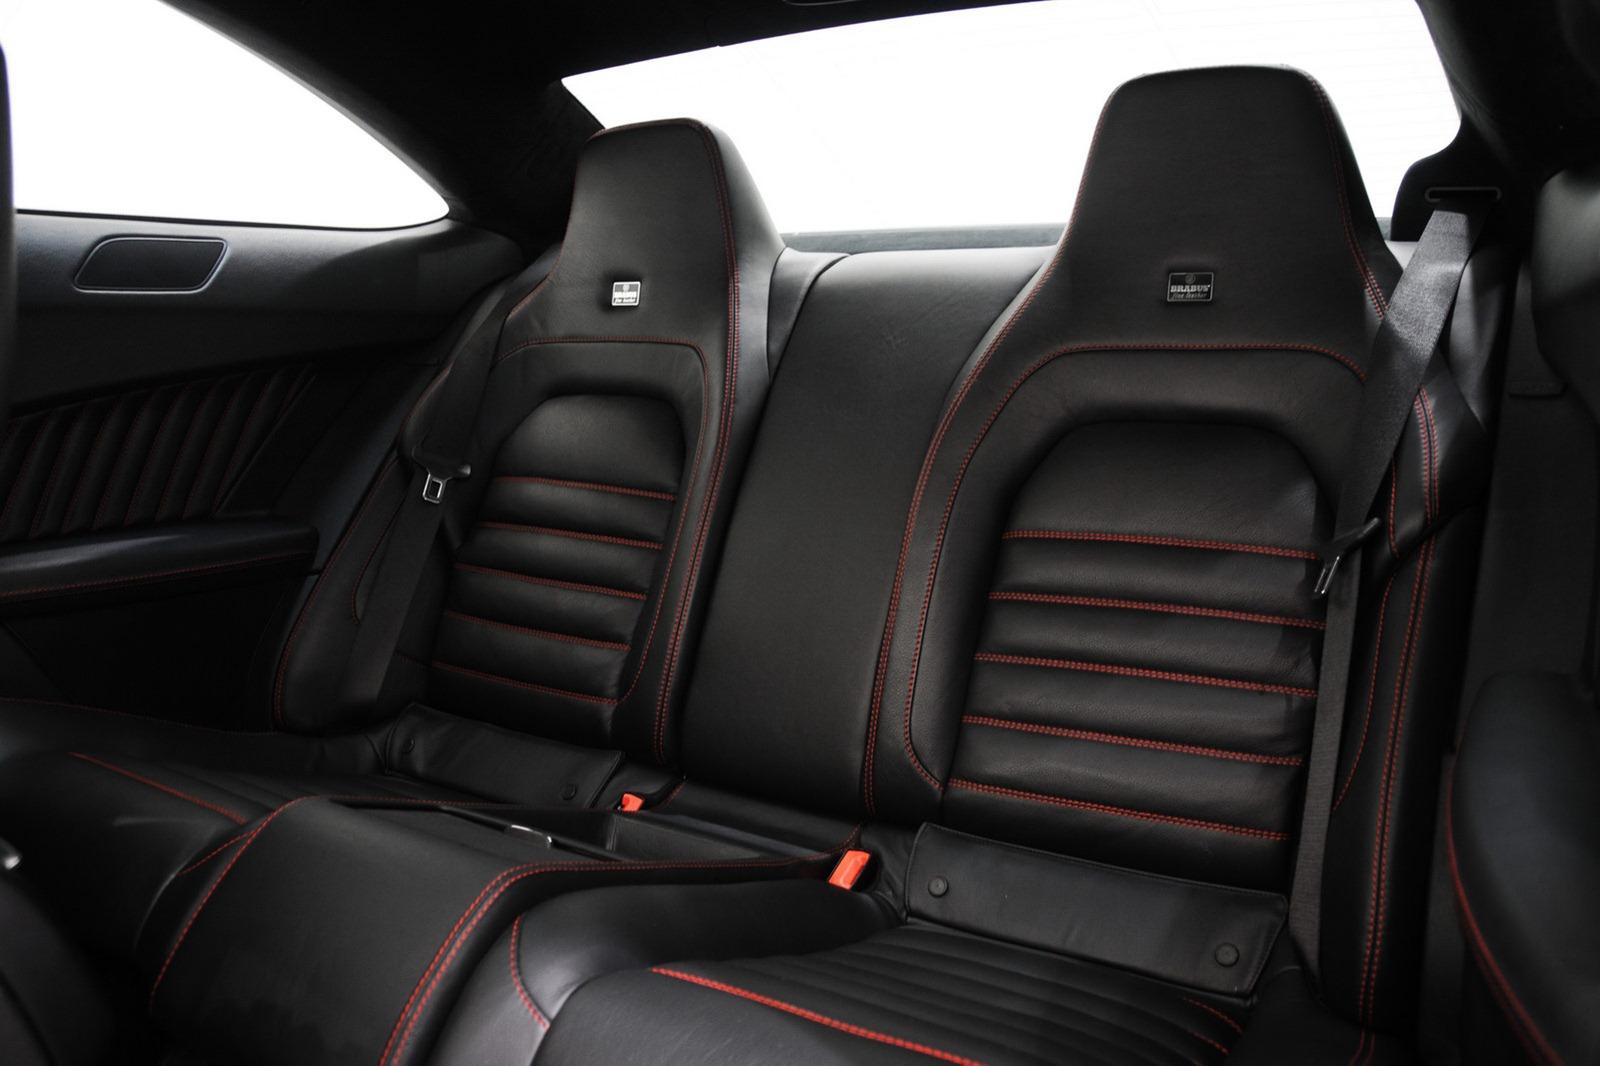 I Hate Leather Car Seats